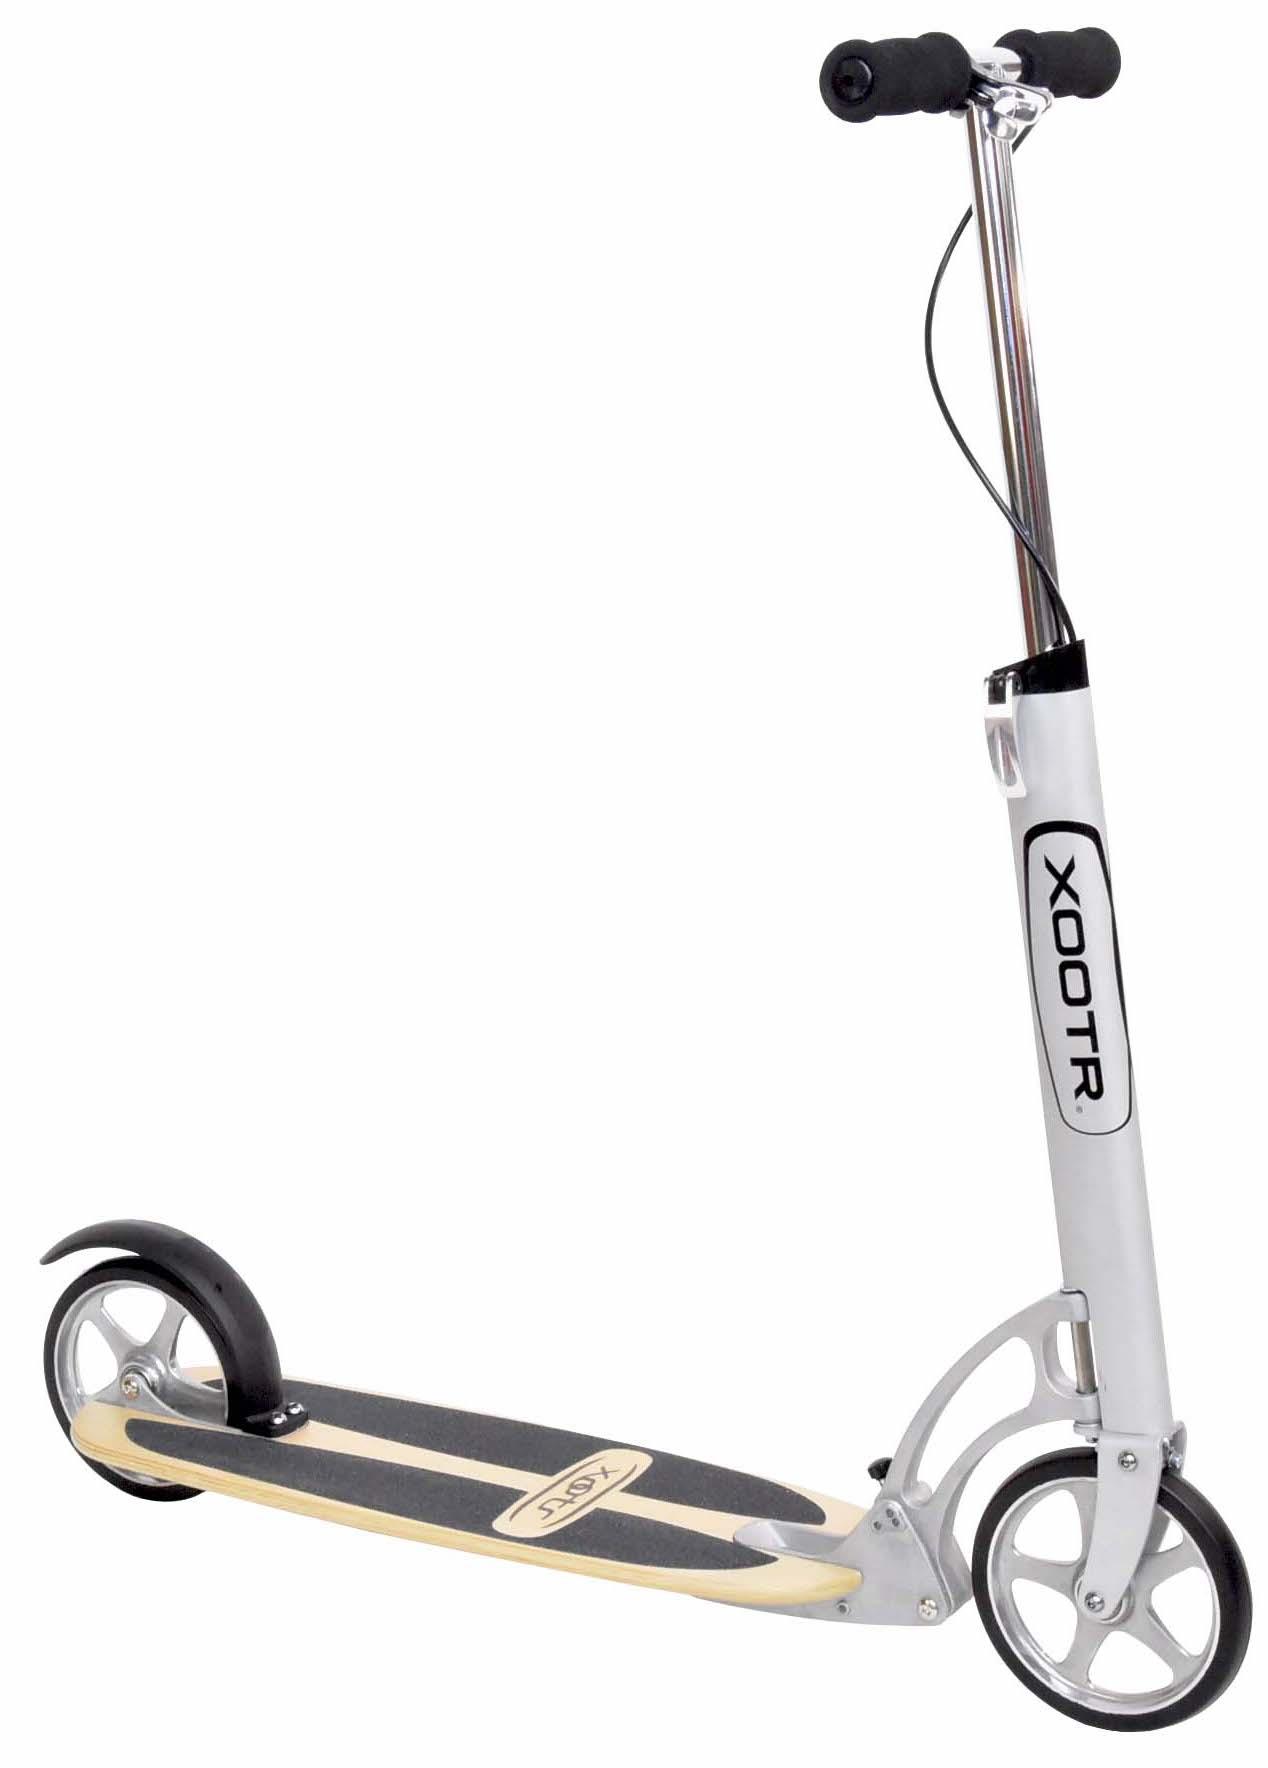 trottinette xootr Cruz Ultra rapide roues de 180mm pièce détachées plateau bois composite